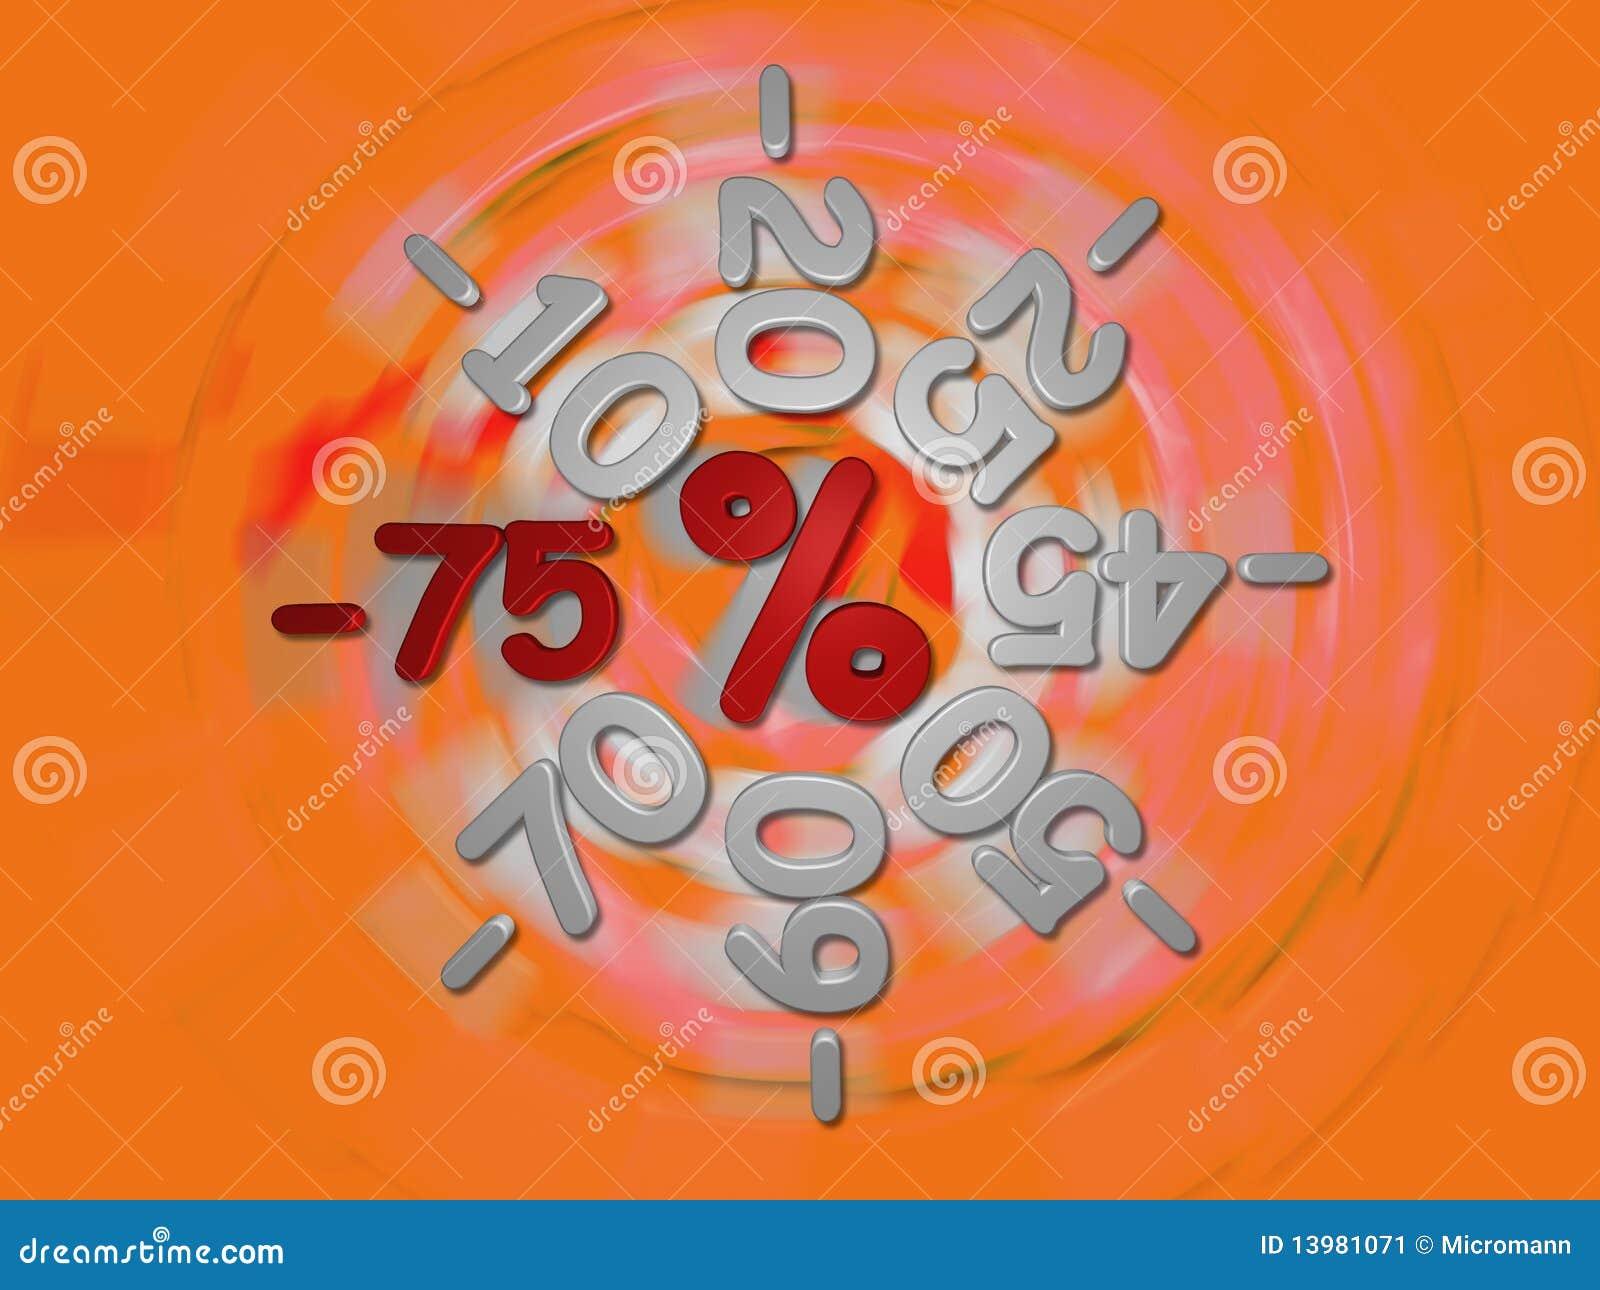 Sconti -75 per cento